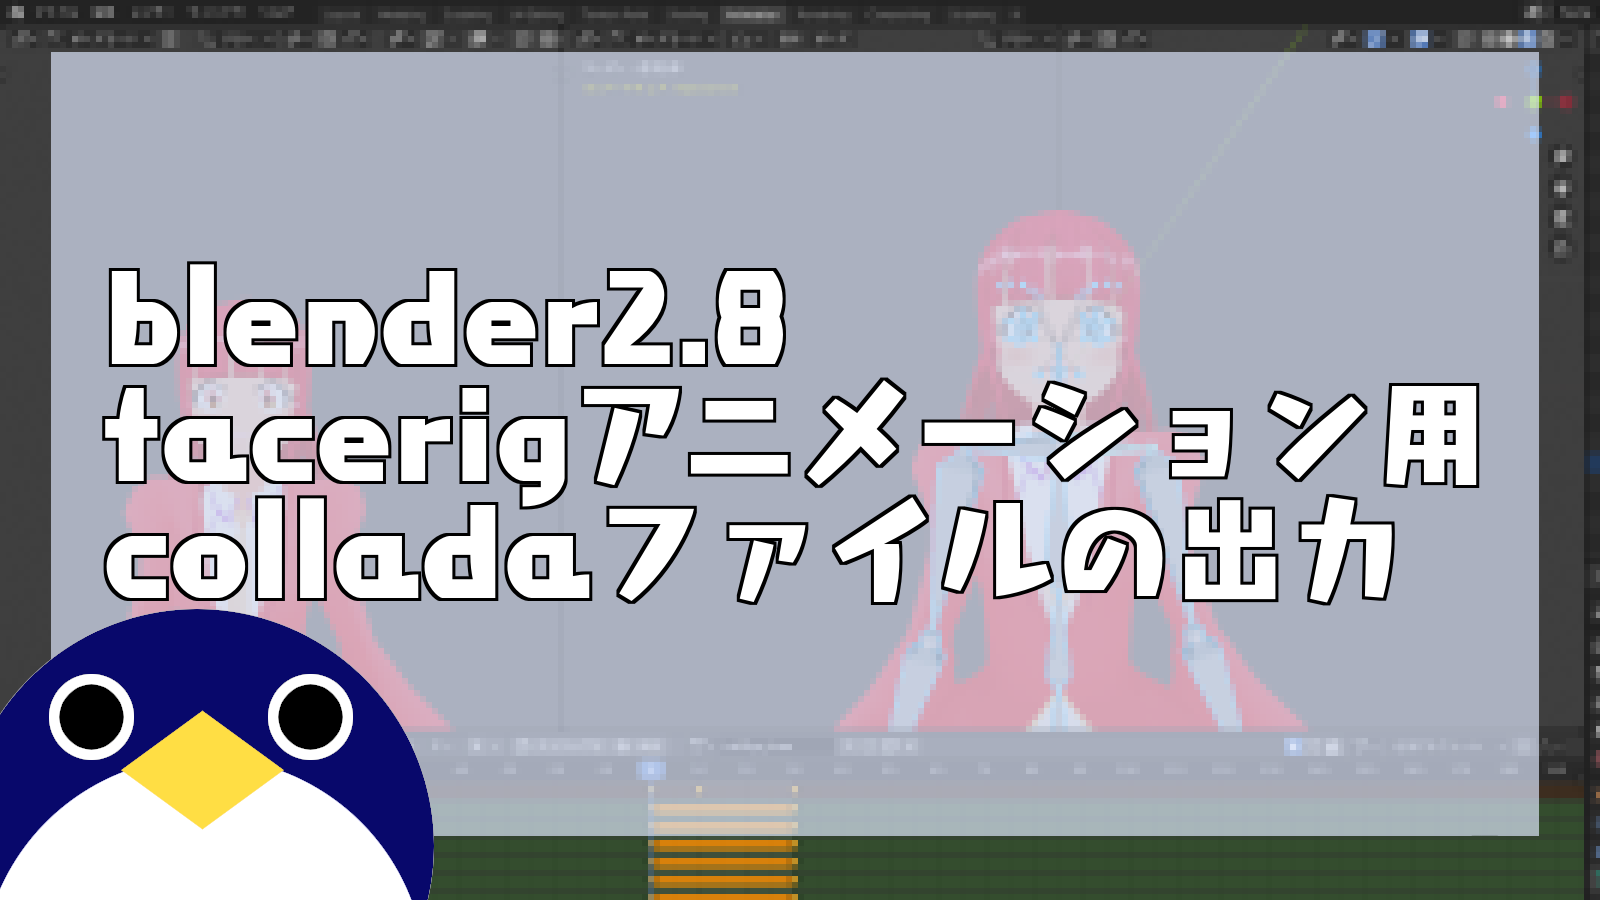 facerig blender2.8 colladaアニメーション